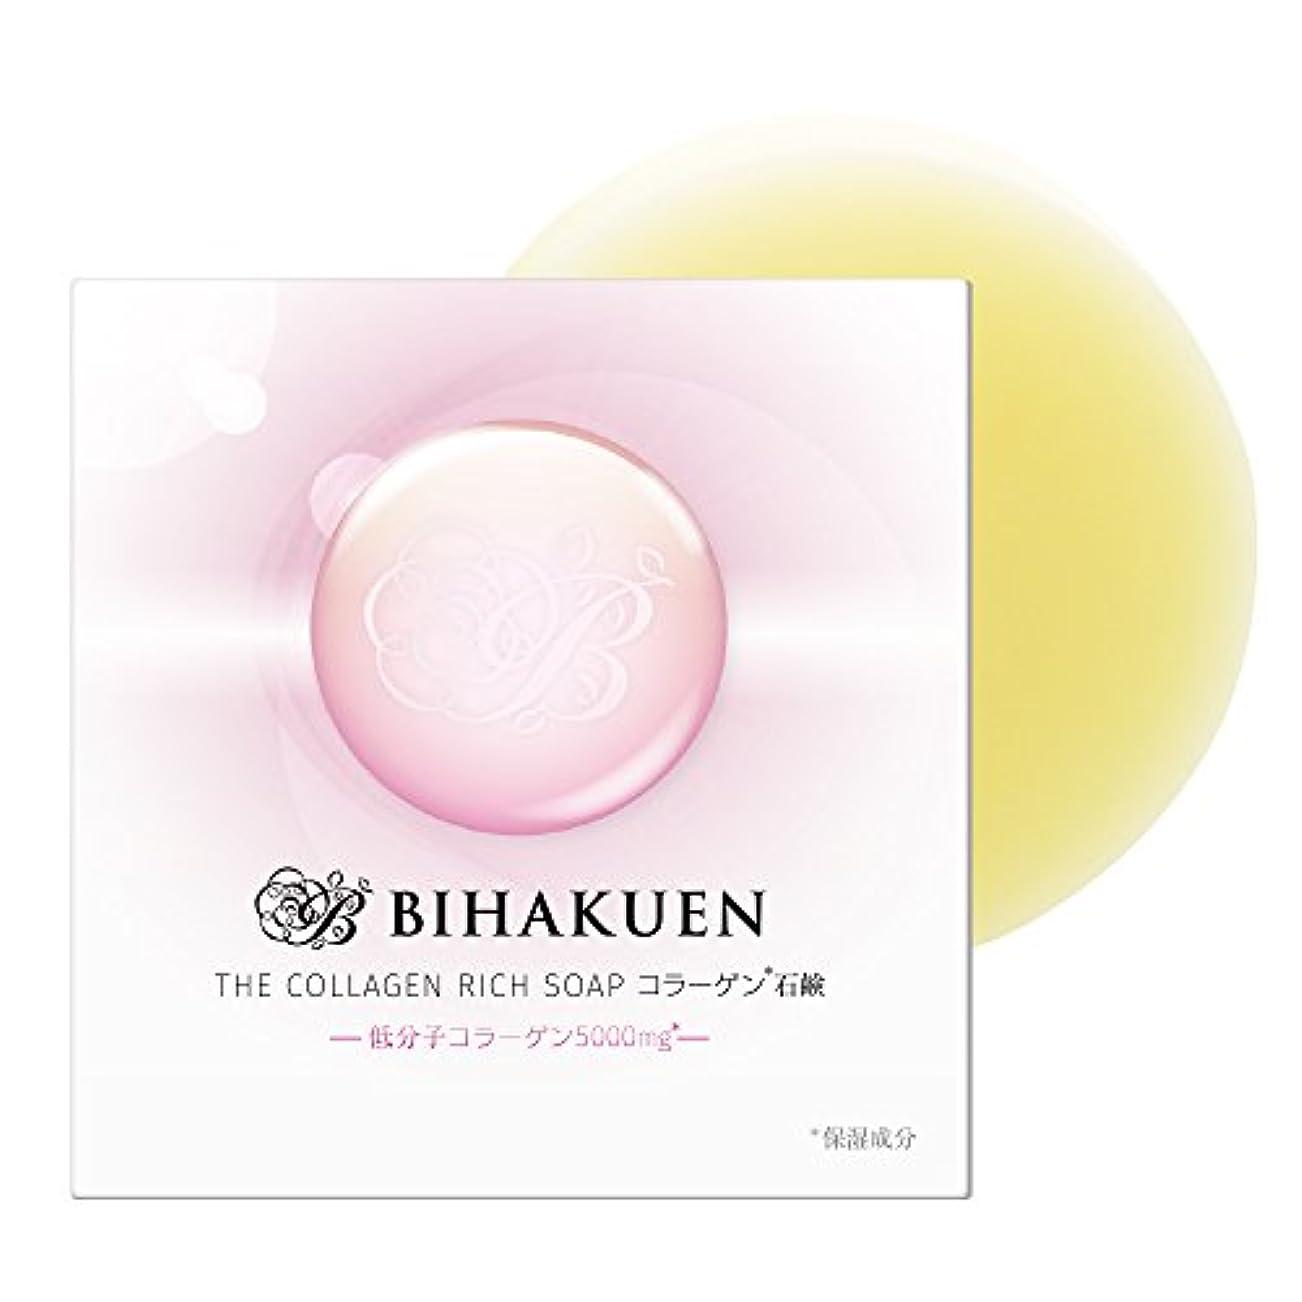 示す役割焼く(BIHAKUEN)コラーゲン石鹸100g (1個)